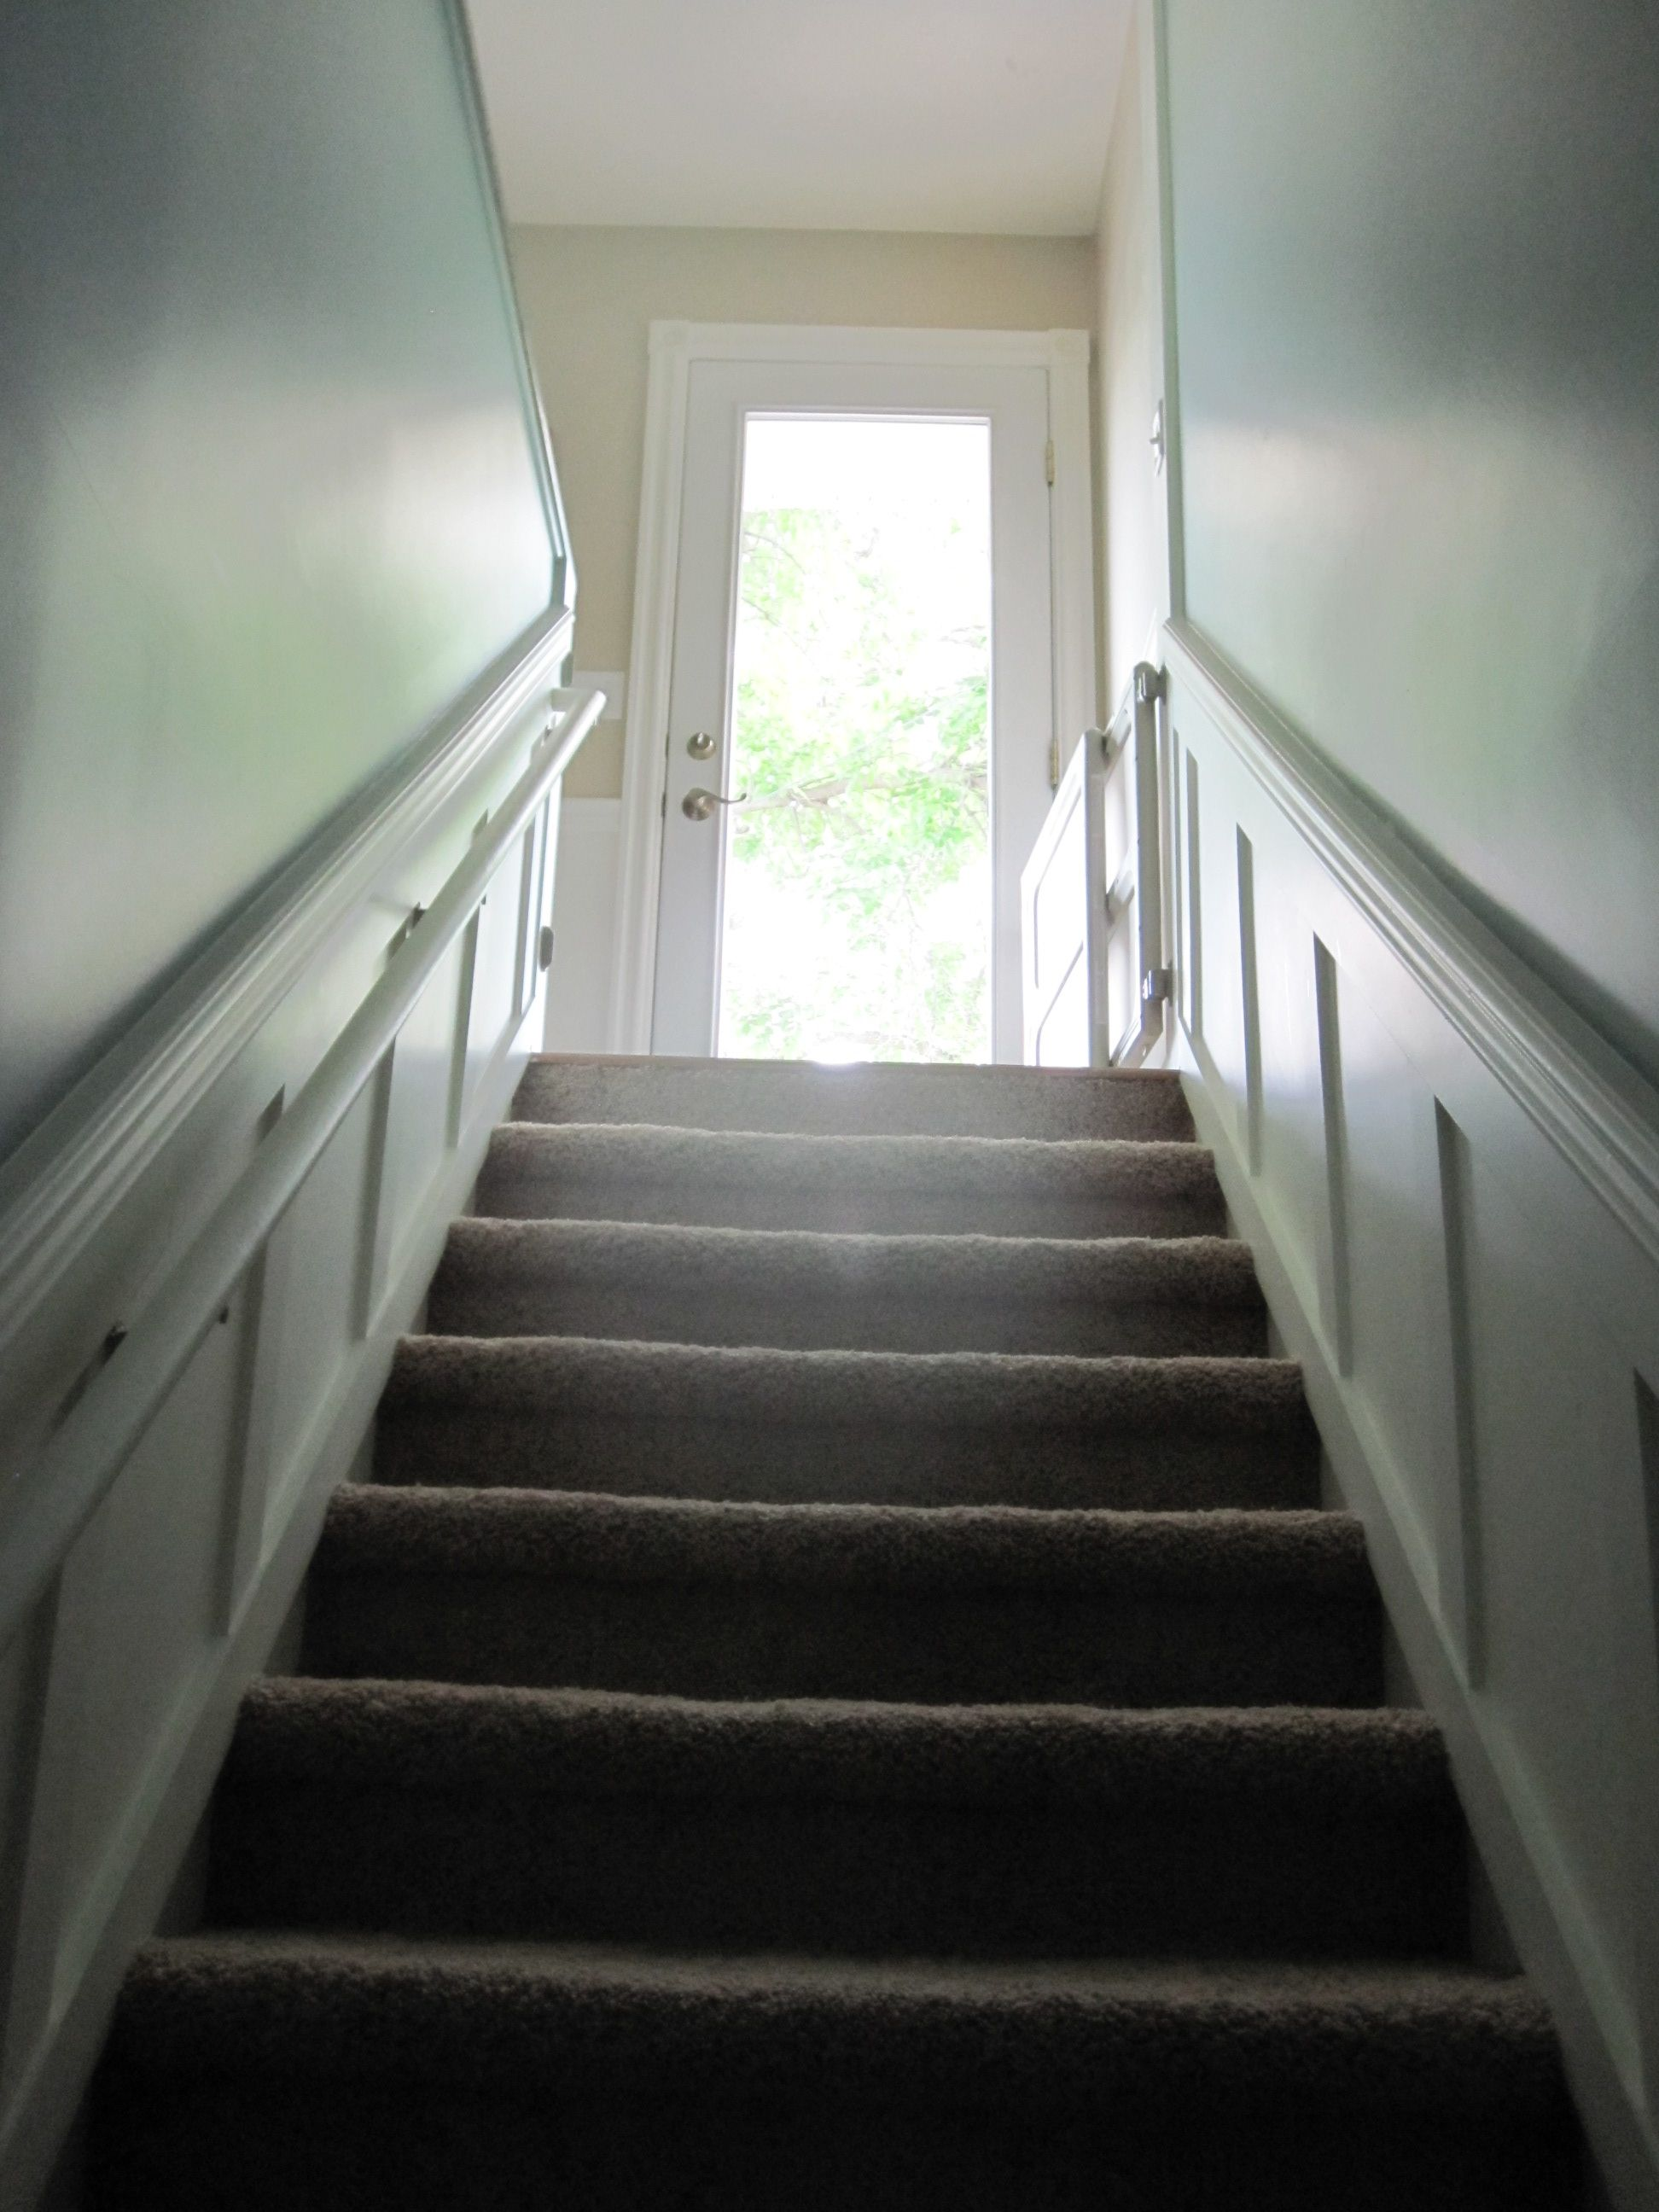 dark basement stairs. Add Panels To Basement Staircase? Dark Stairs S